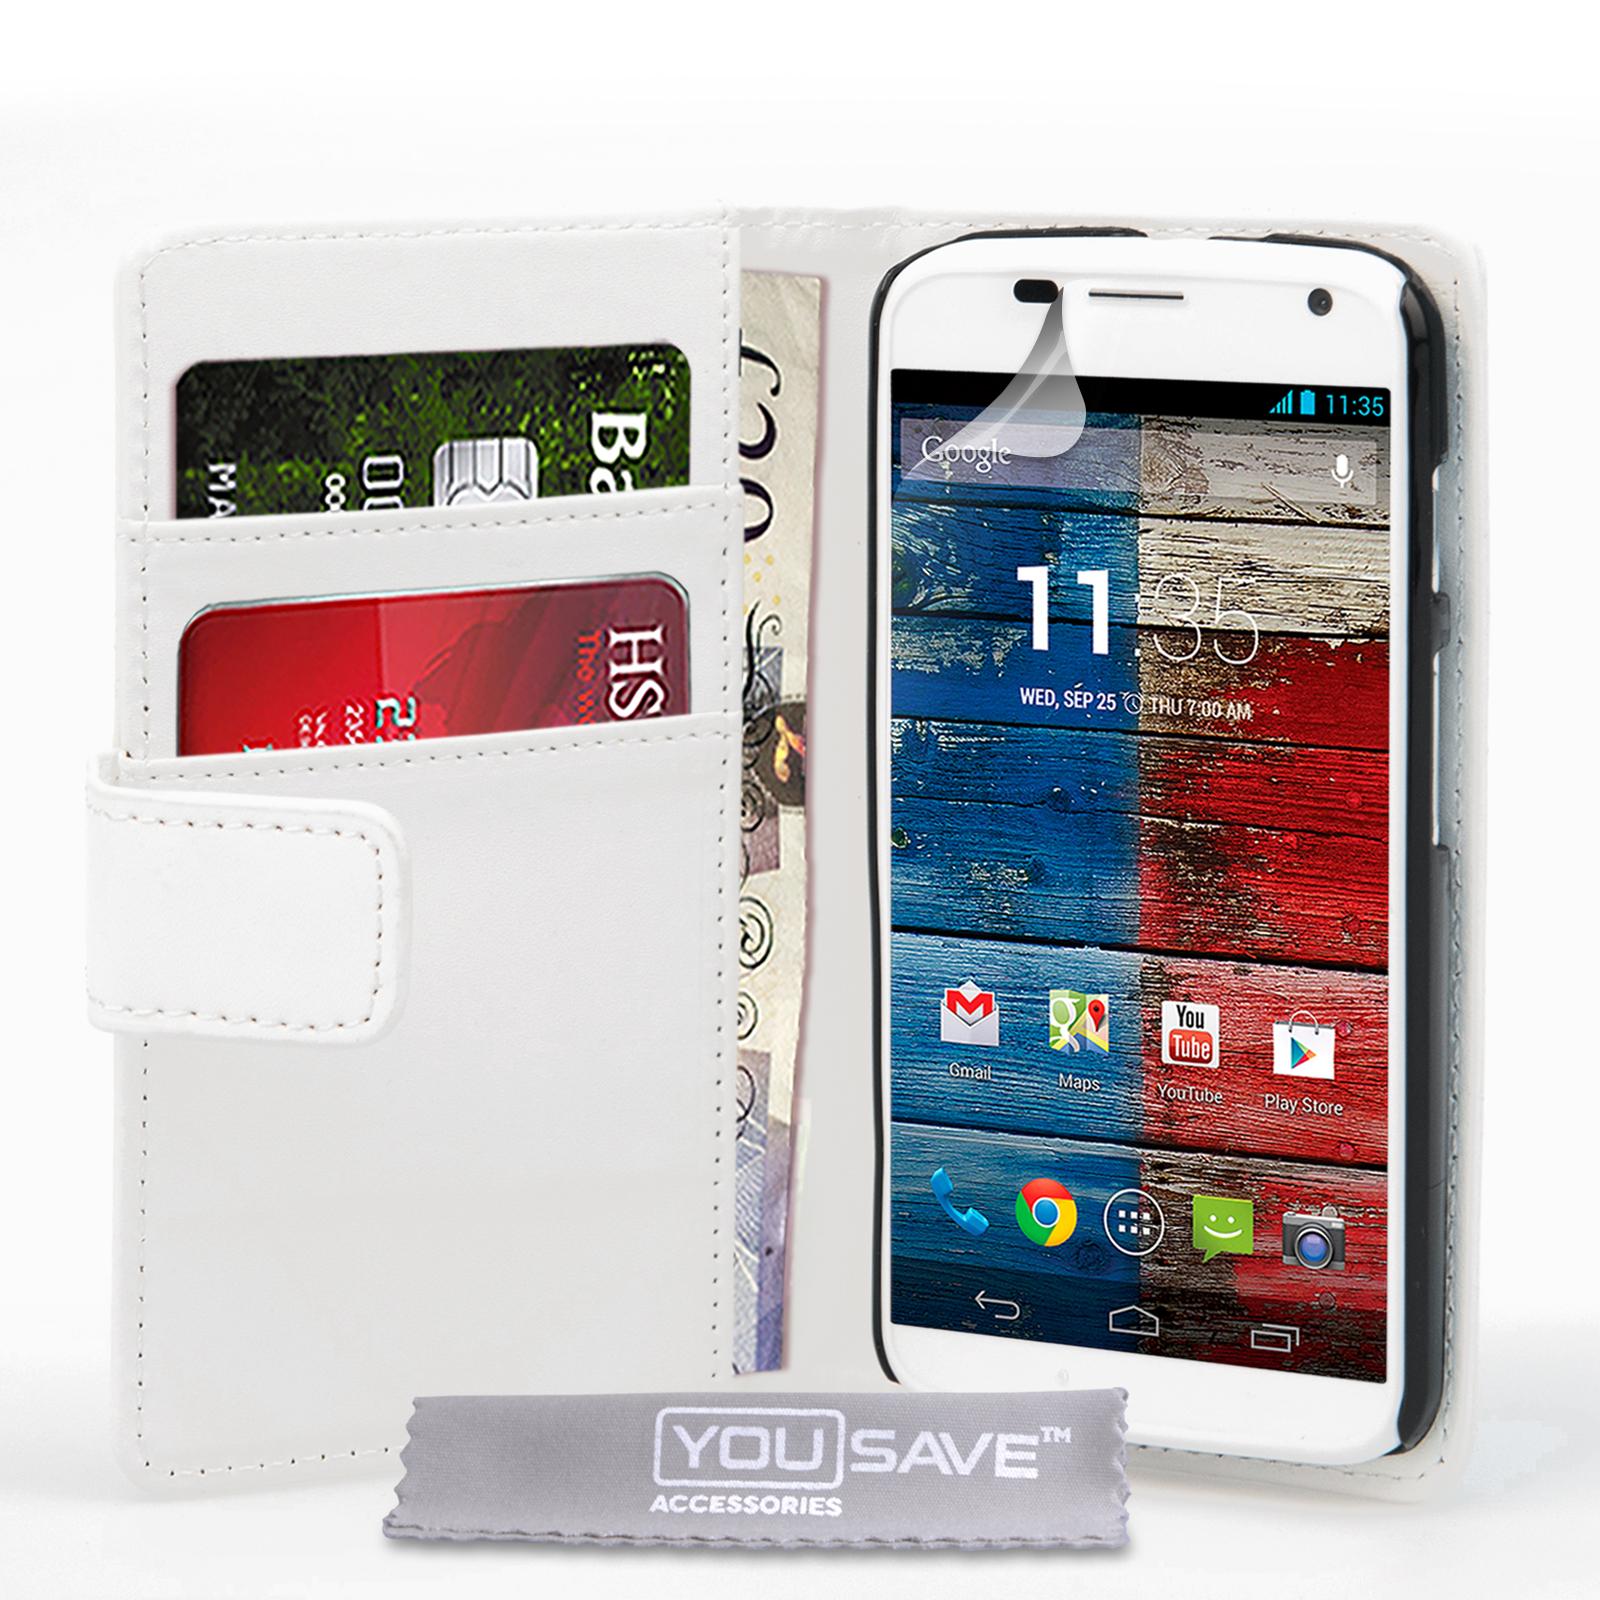 Θήκη Motorola Moto X - Πορτοφόλι by YouSave (Ζ190)